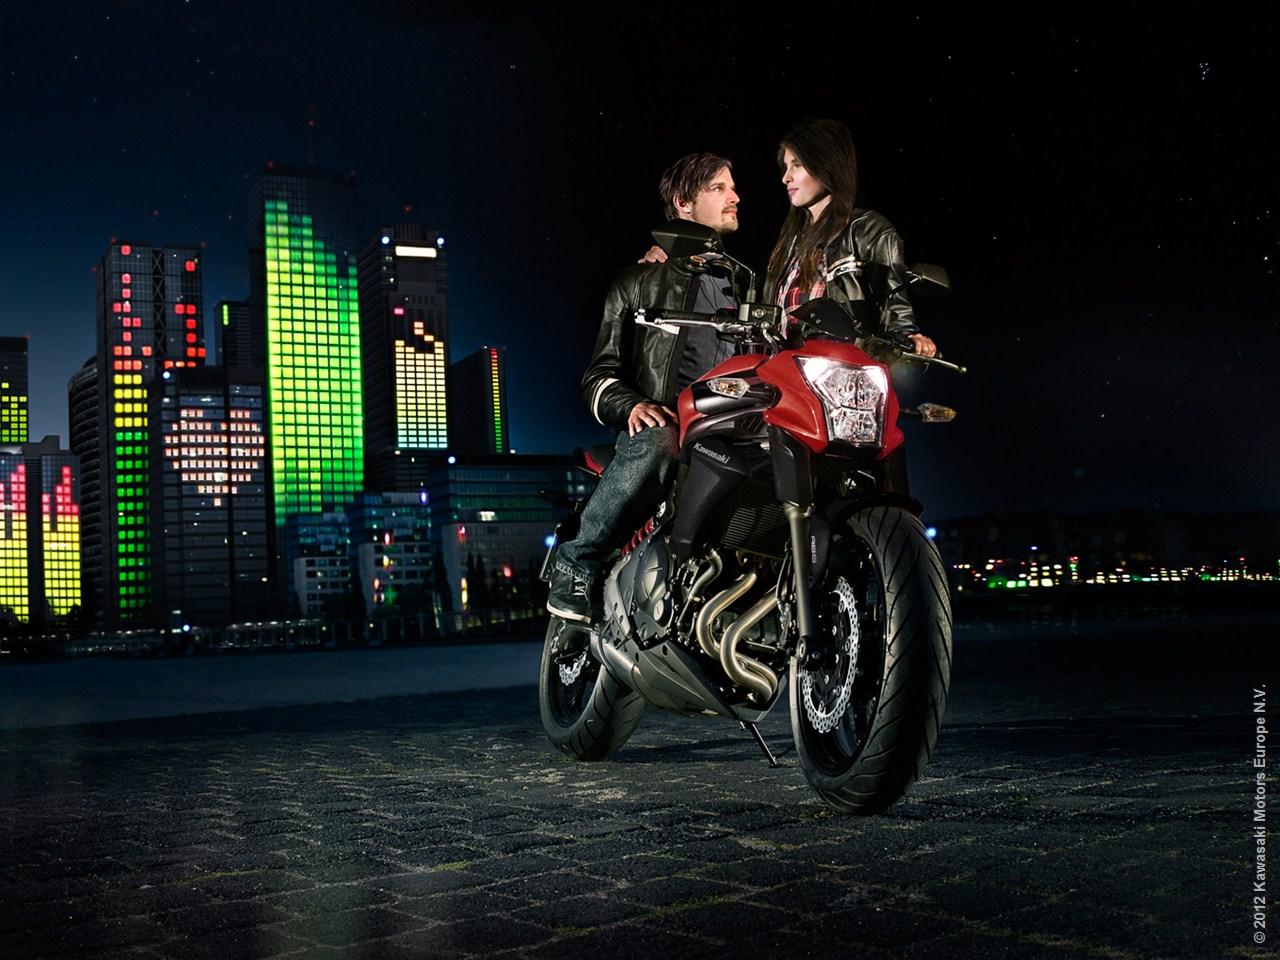 2013 Kawasaki Motorcycles